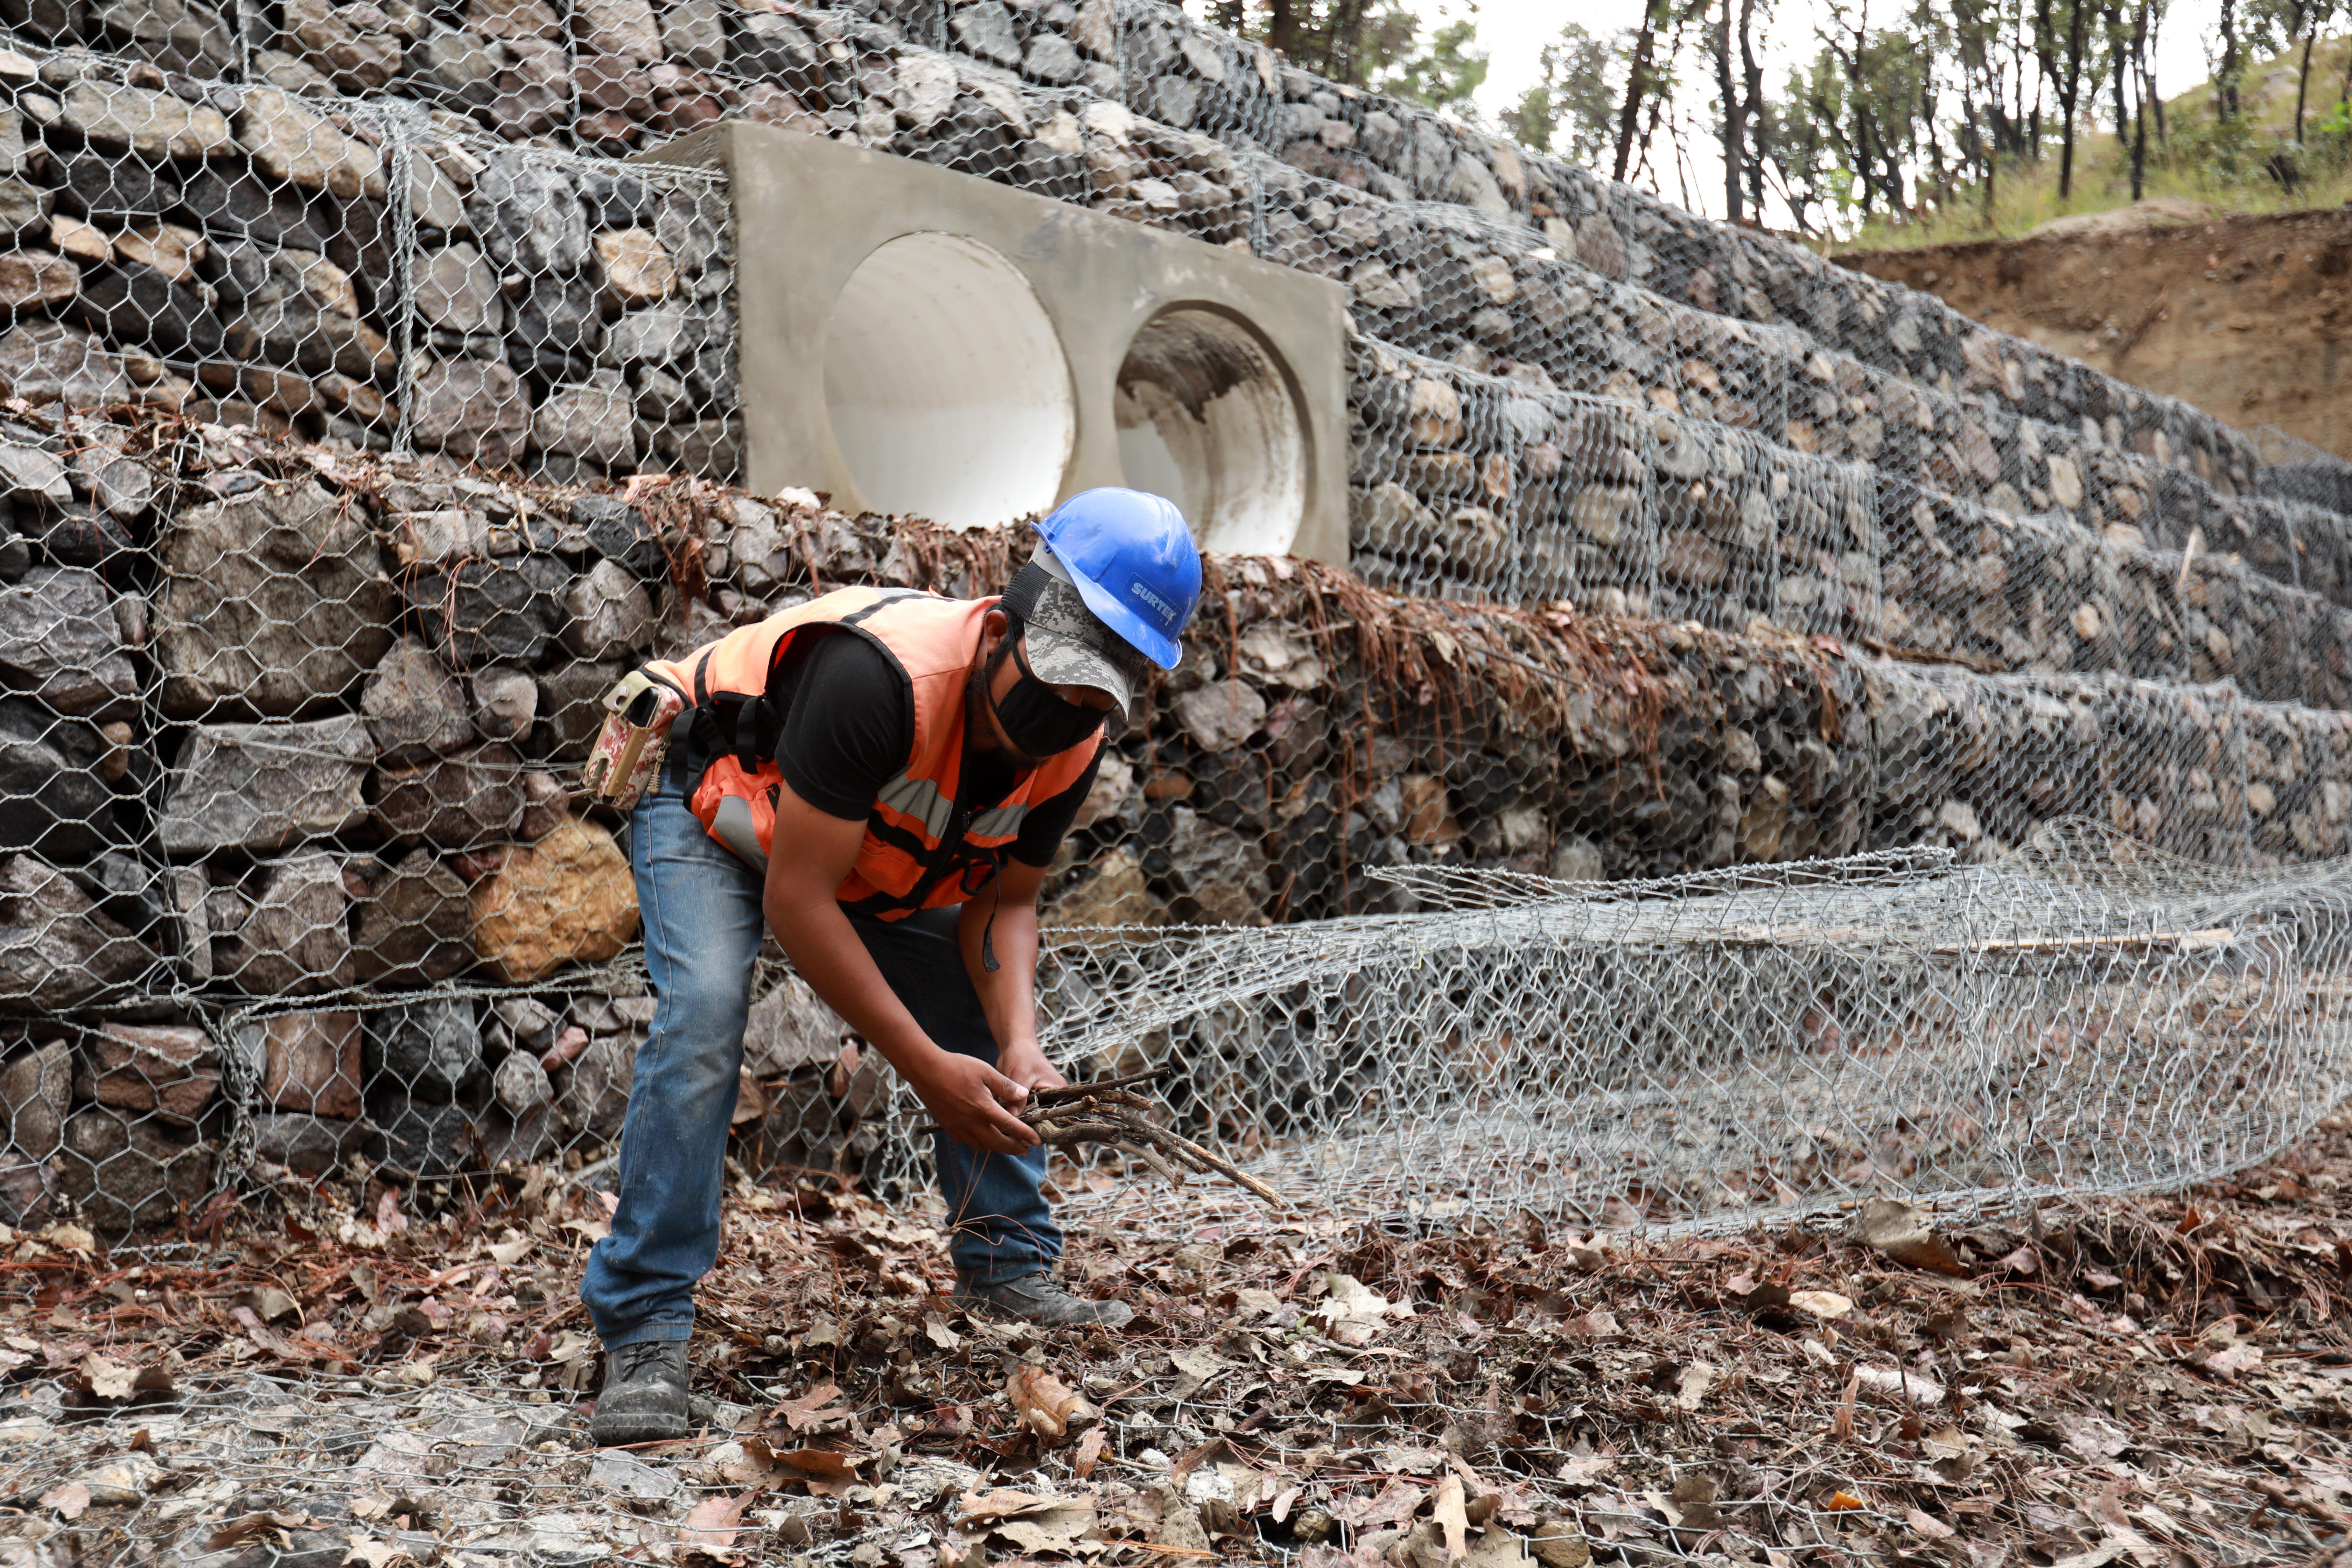 Las obras estatales de contención en Santa Anita avanzan como parte de la solución integral de manejo pluvial de la zona